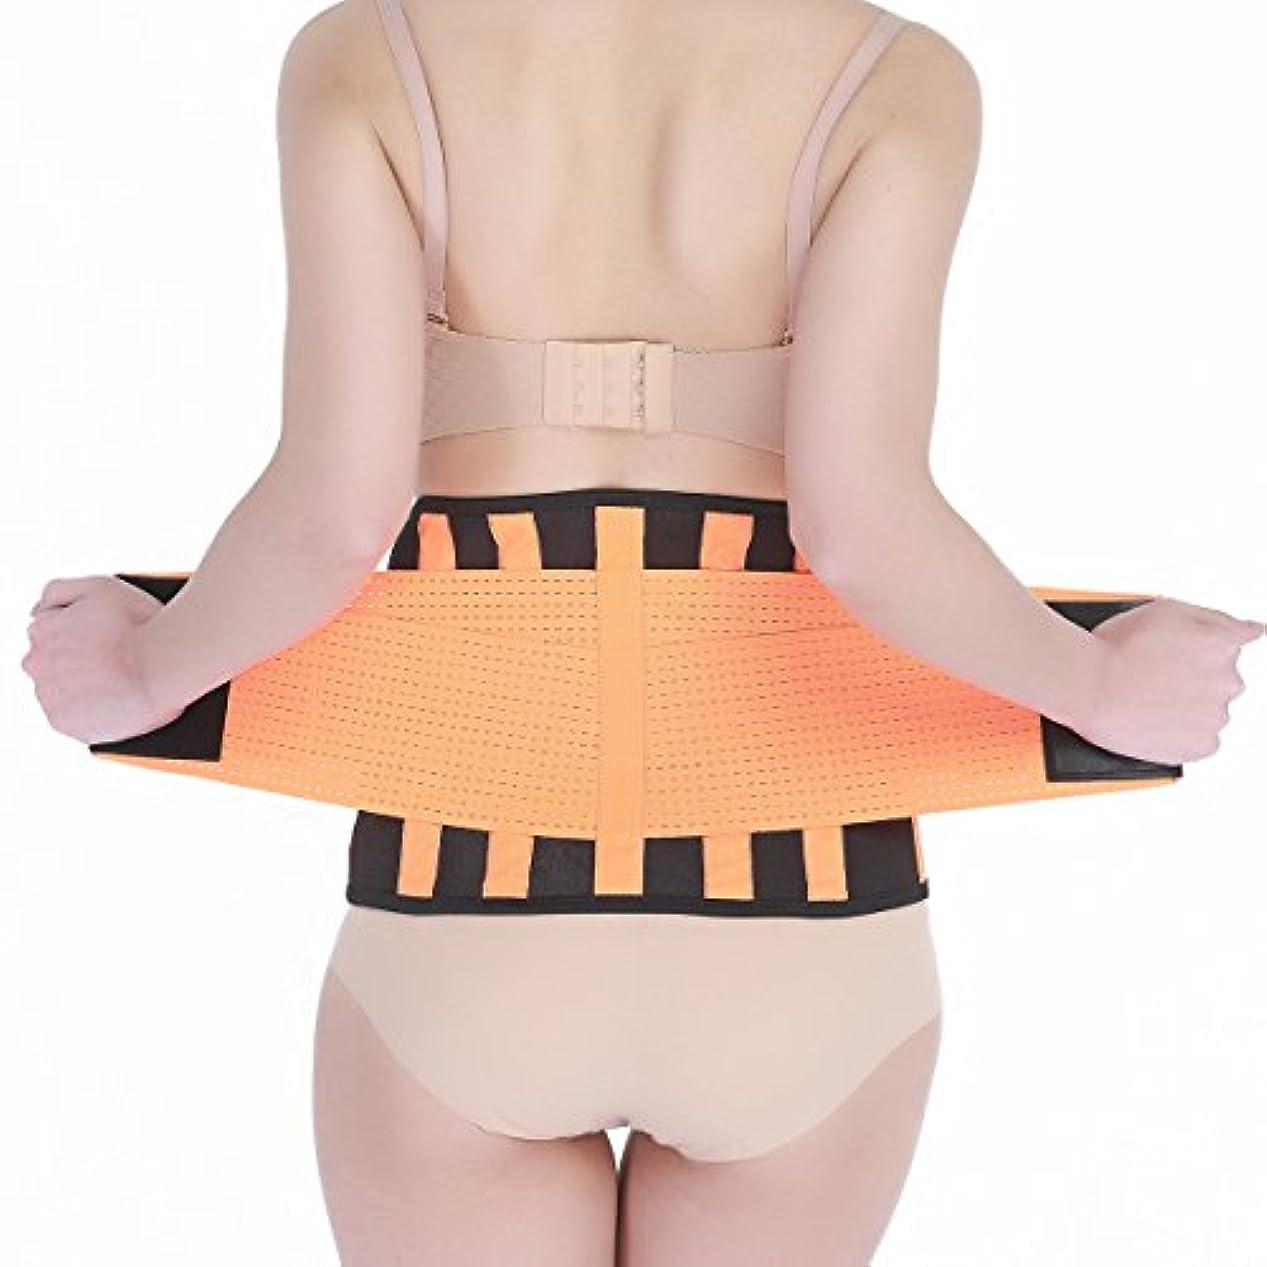 に対応パラダイストン腰サポーター 腰痛コルセット 二重ベルト 加圧 伸縮 姿勢矯正でインナーマッスルを鍛えダイエット 男女兼用 (L=長さ約107cm(81-92 cm))